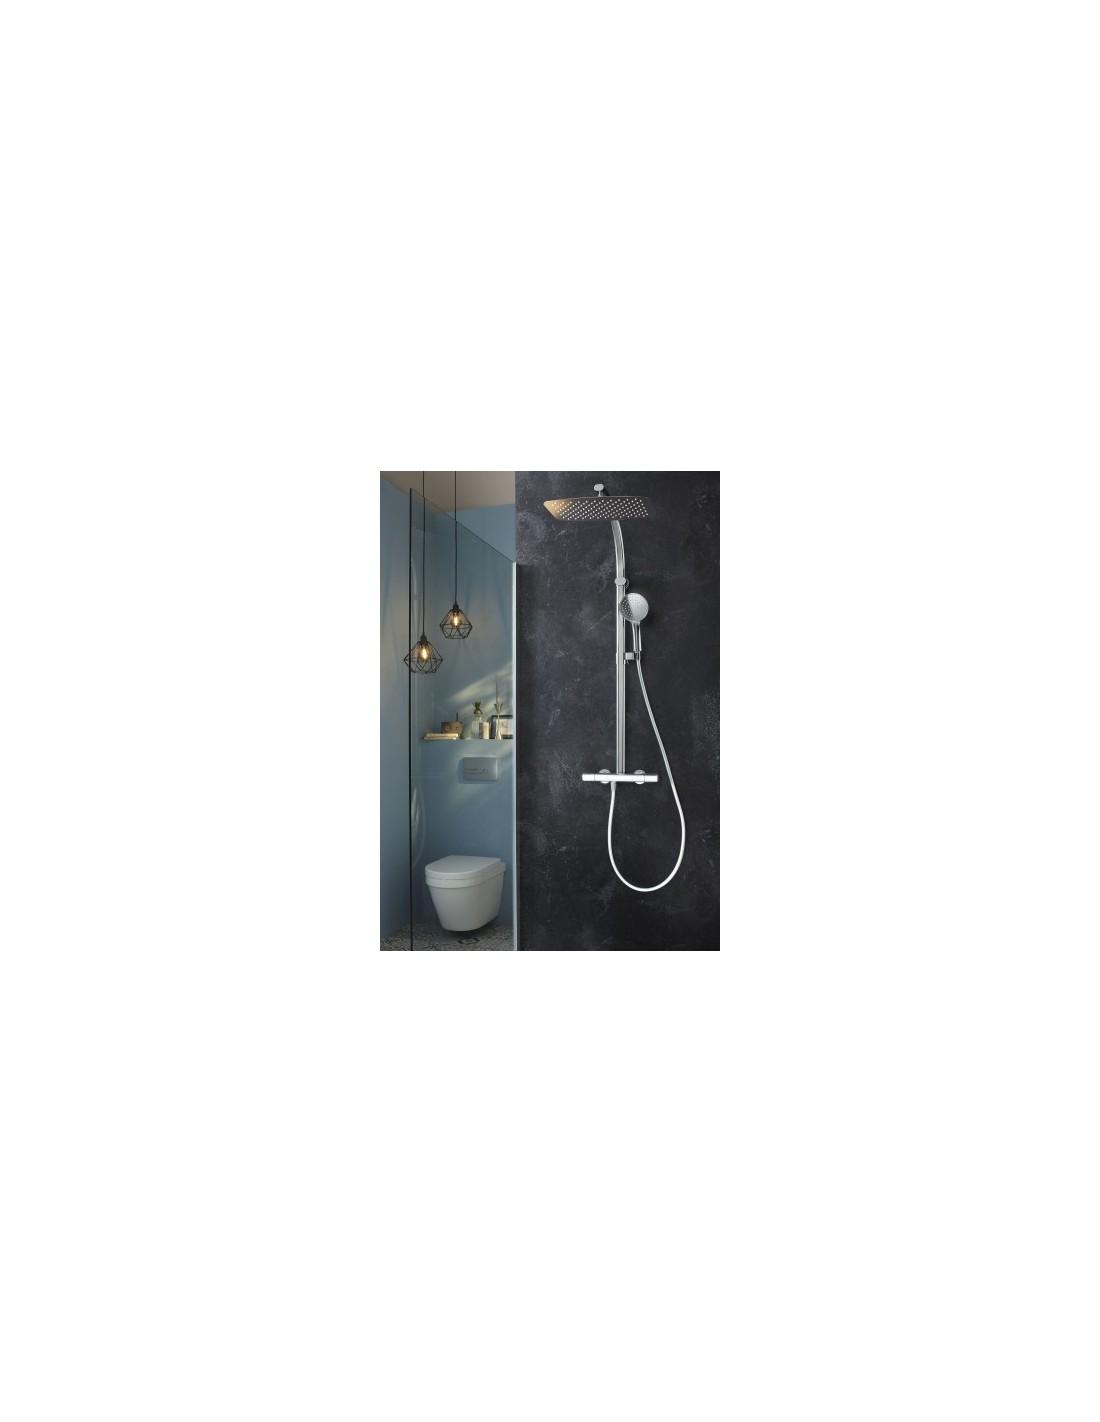 Colonne de douche avec mitigeur thermostatique et douche de t te rectangulaire oblo design jacob - Mitigeur douche pas cher ...